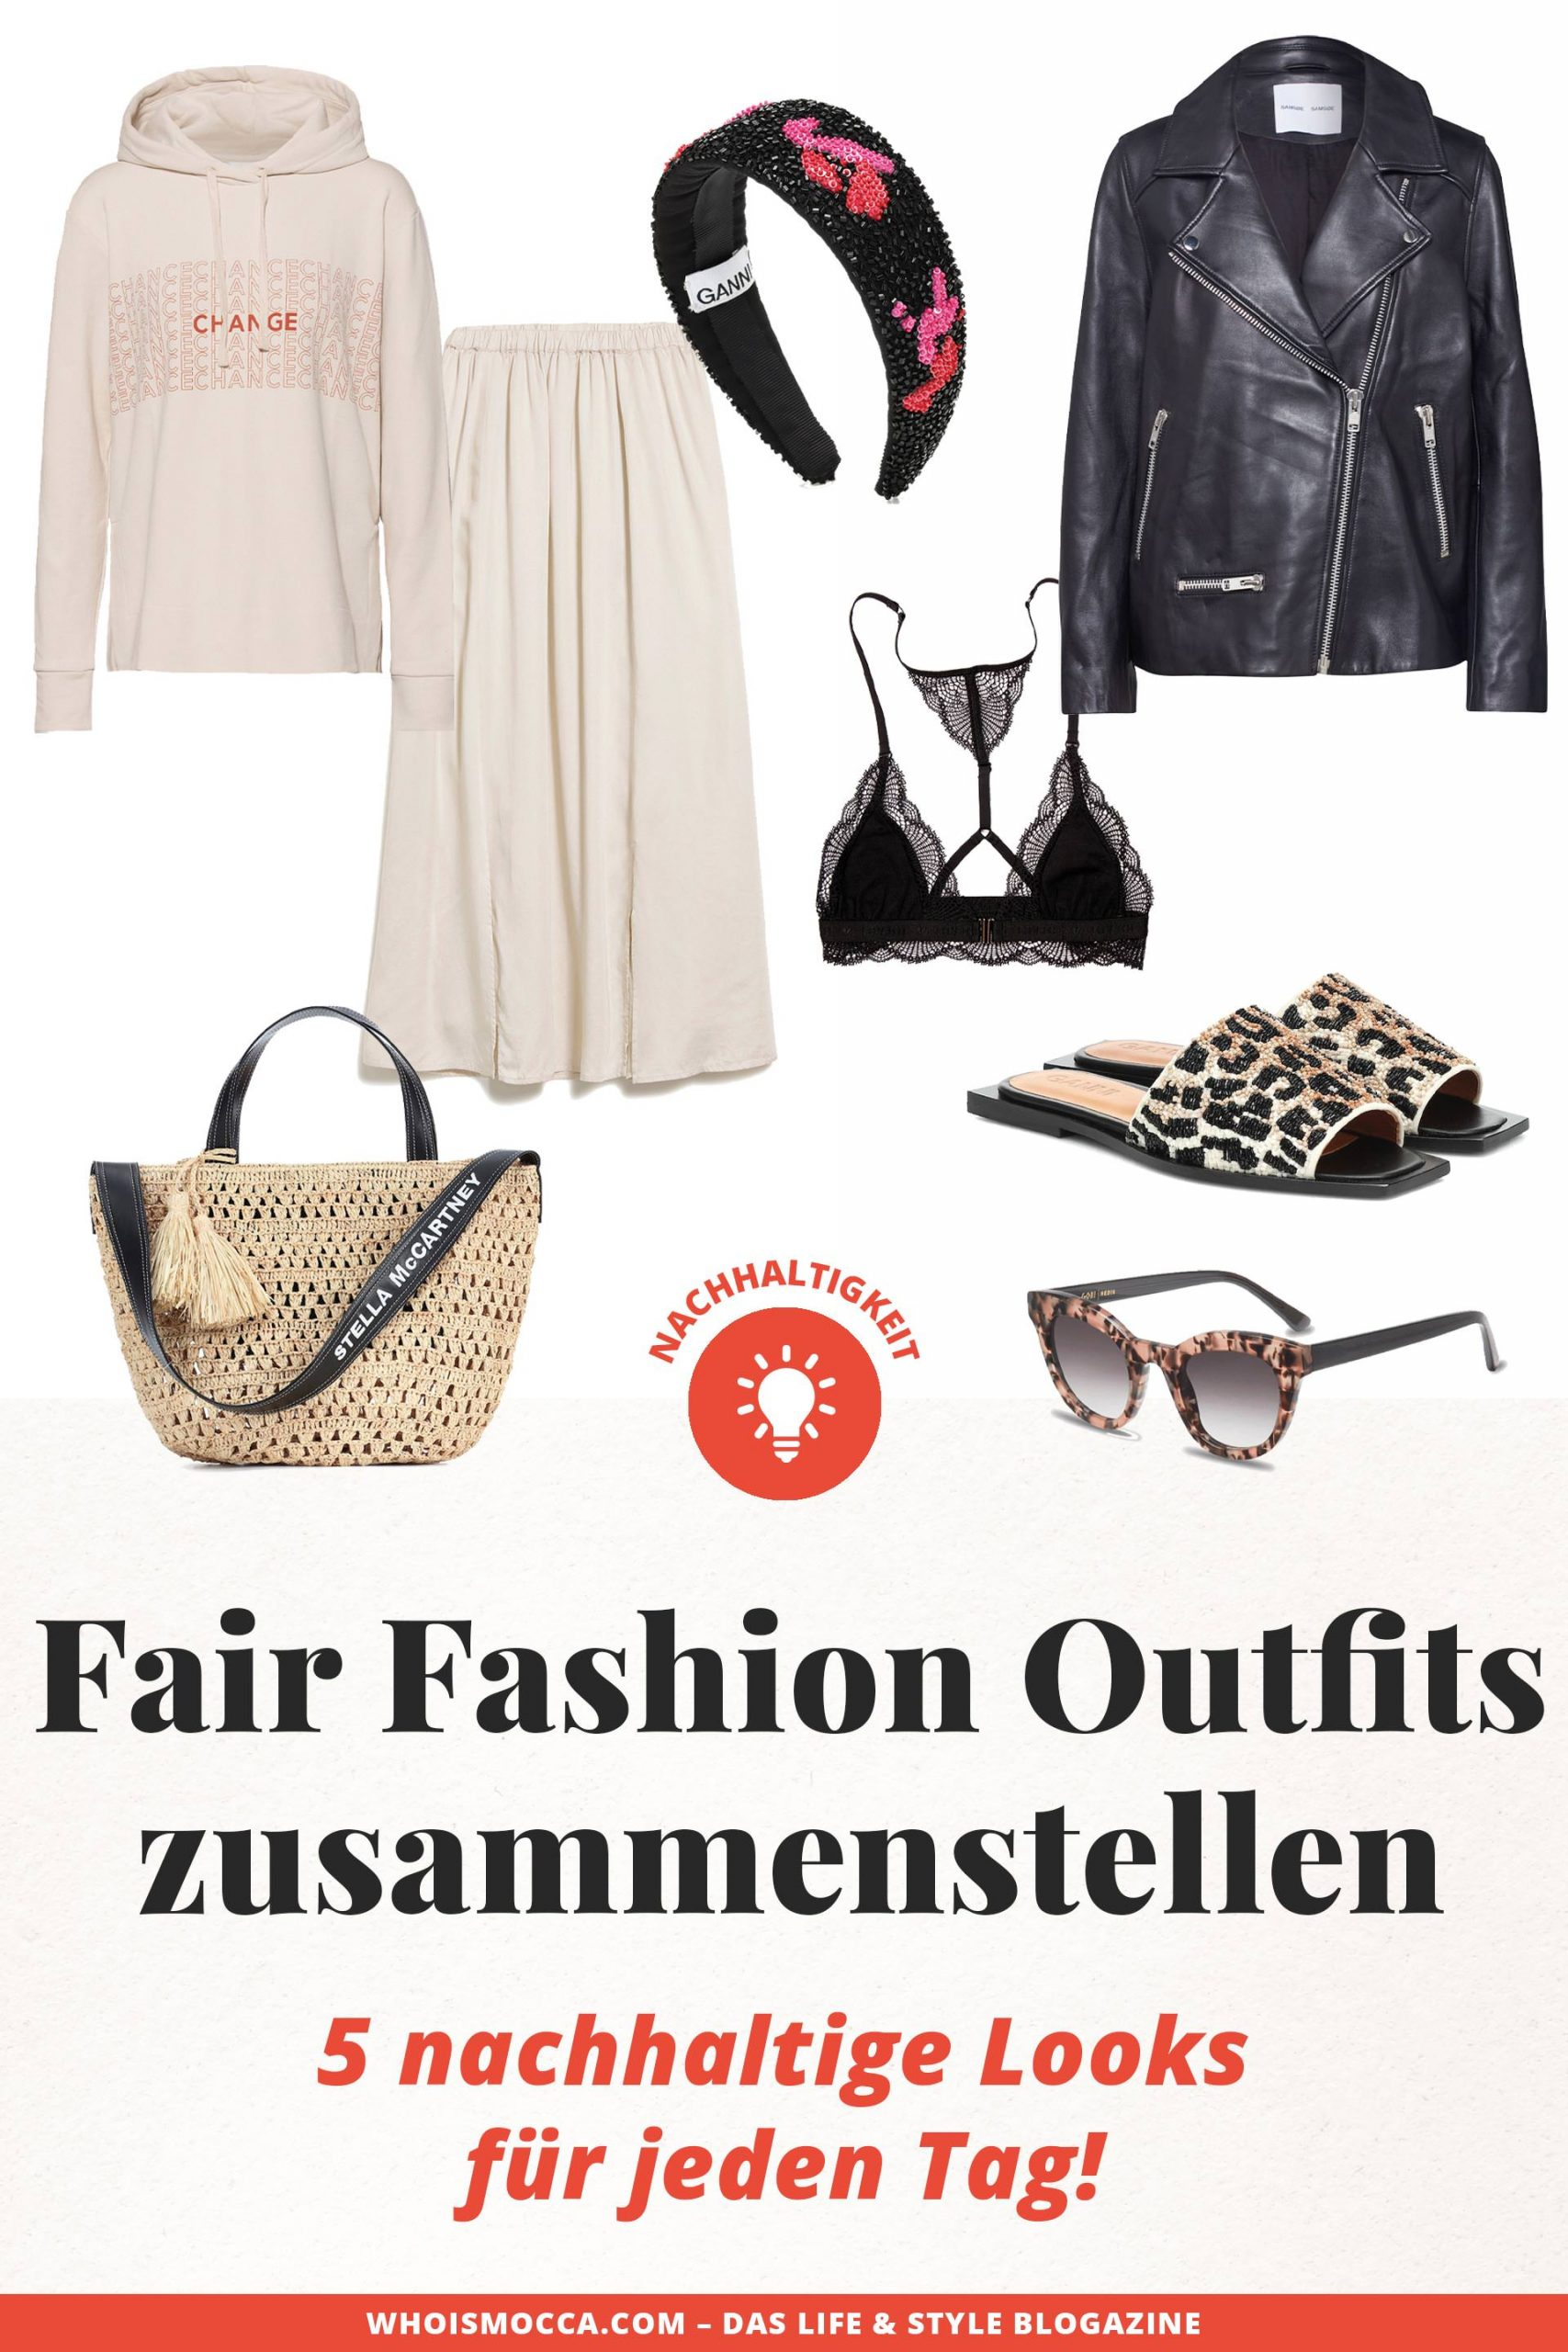 Nachhaltige Outfits zusammenstellen leicht gemacht: Ich zeige dir 5 Fair Fashion Outfits, mit denen du von Montag bis Freitag eine gute Figur machst. www.whoismocca.com #fairfashion #nachhaltigkeit #modemarken #nachhaltig